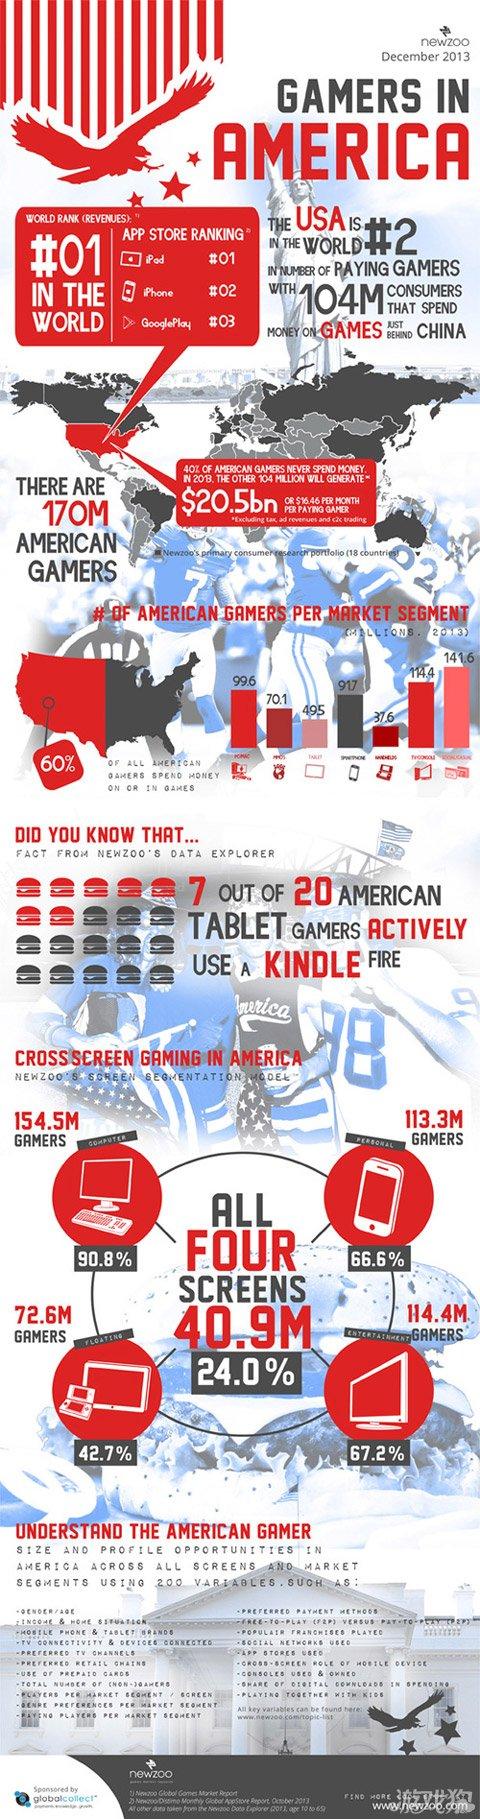 Newzoo:美国是第一游戏强国 年产值205亿美元1